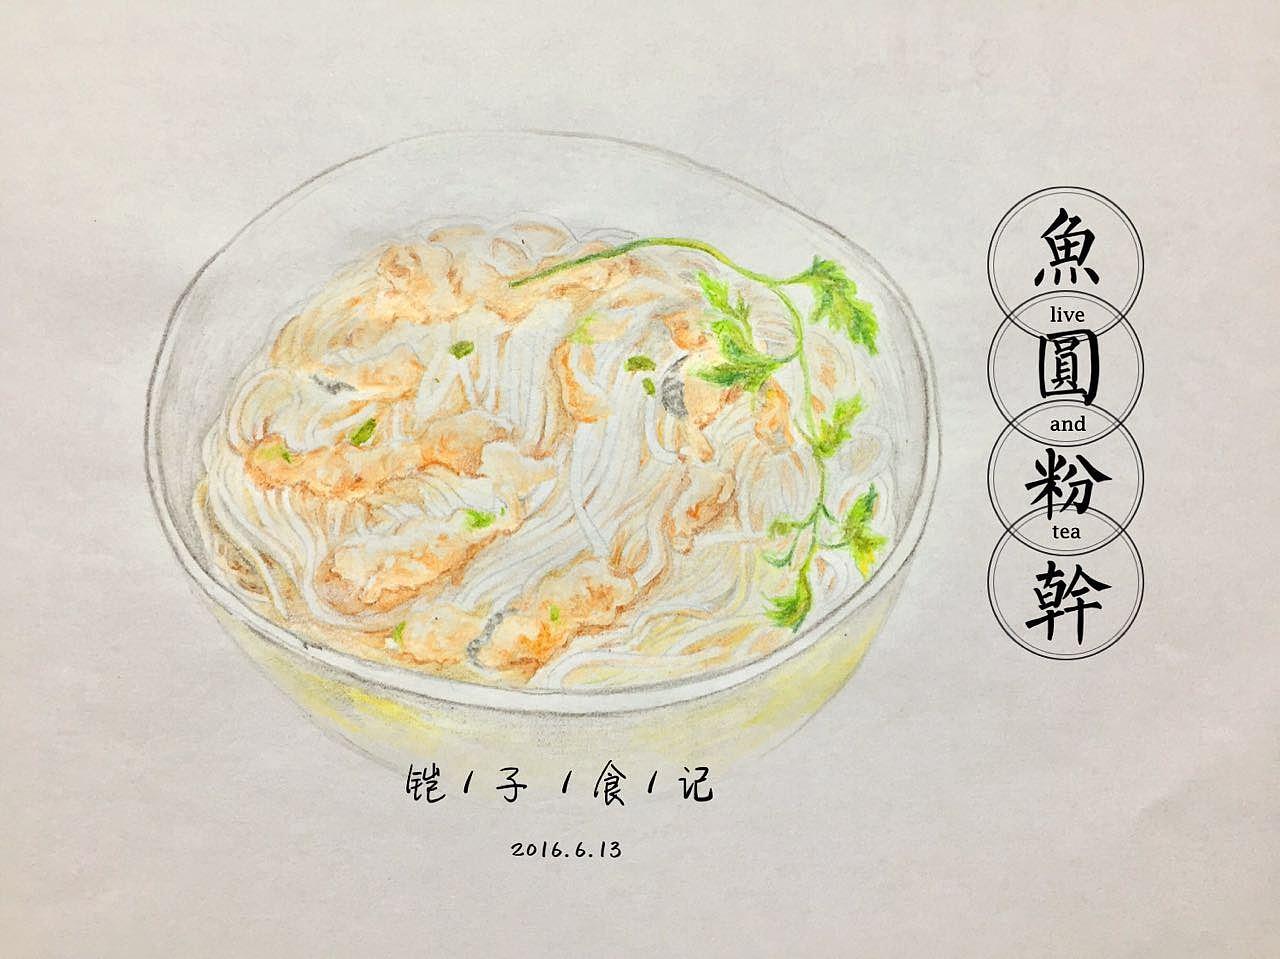 突然想看着自己美食的美食特色.画画韩剧大长今中的在家乡图片